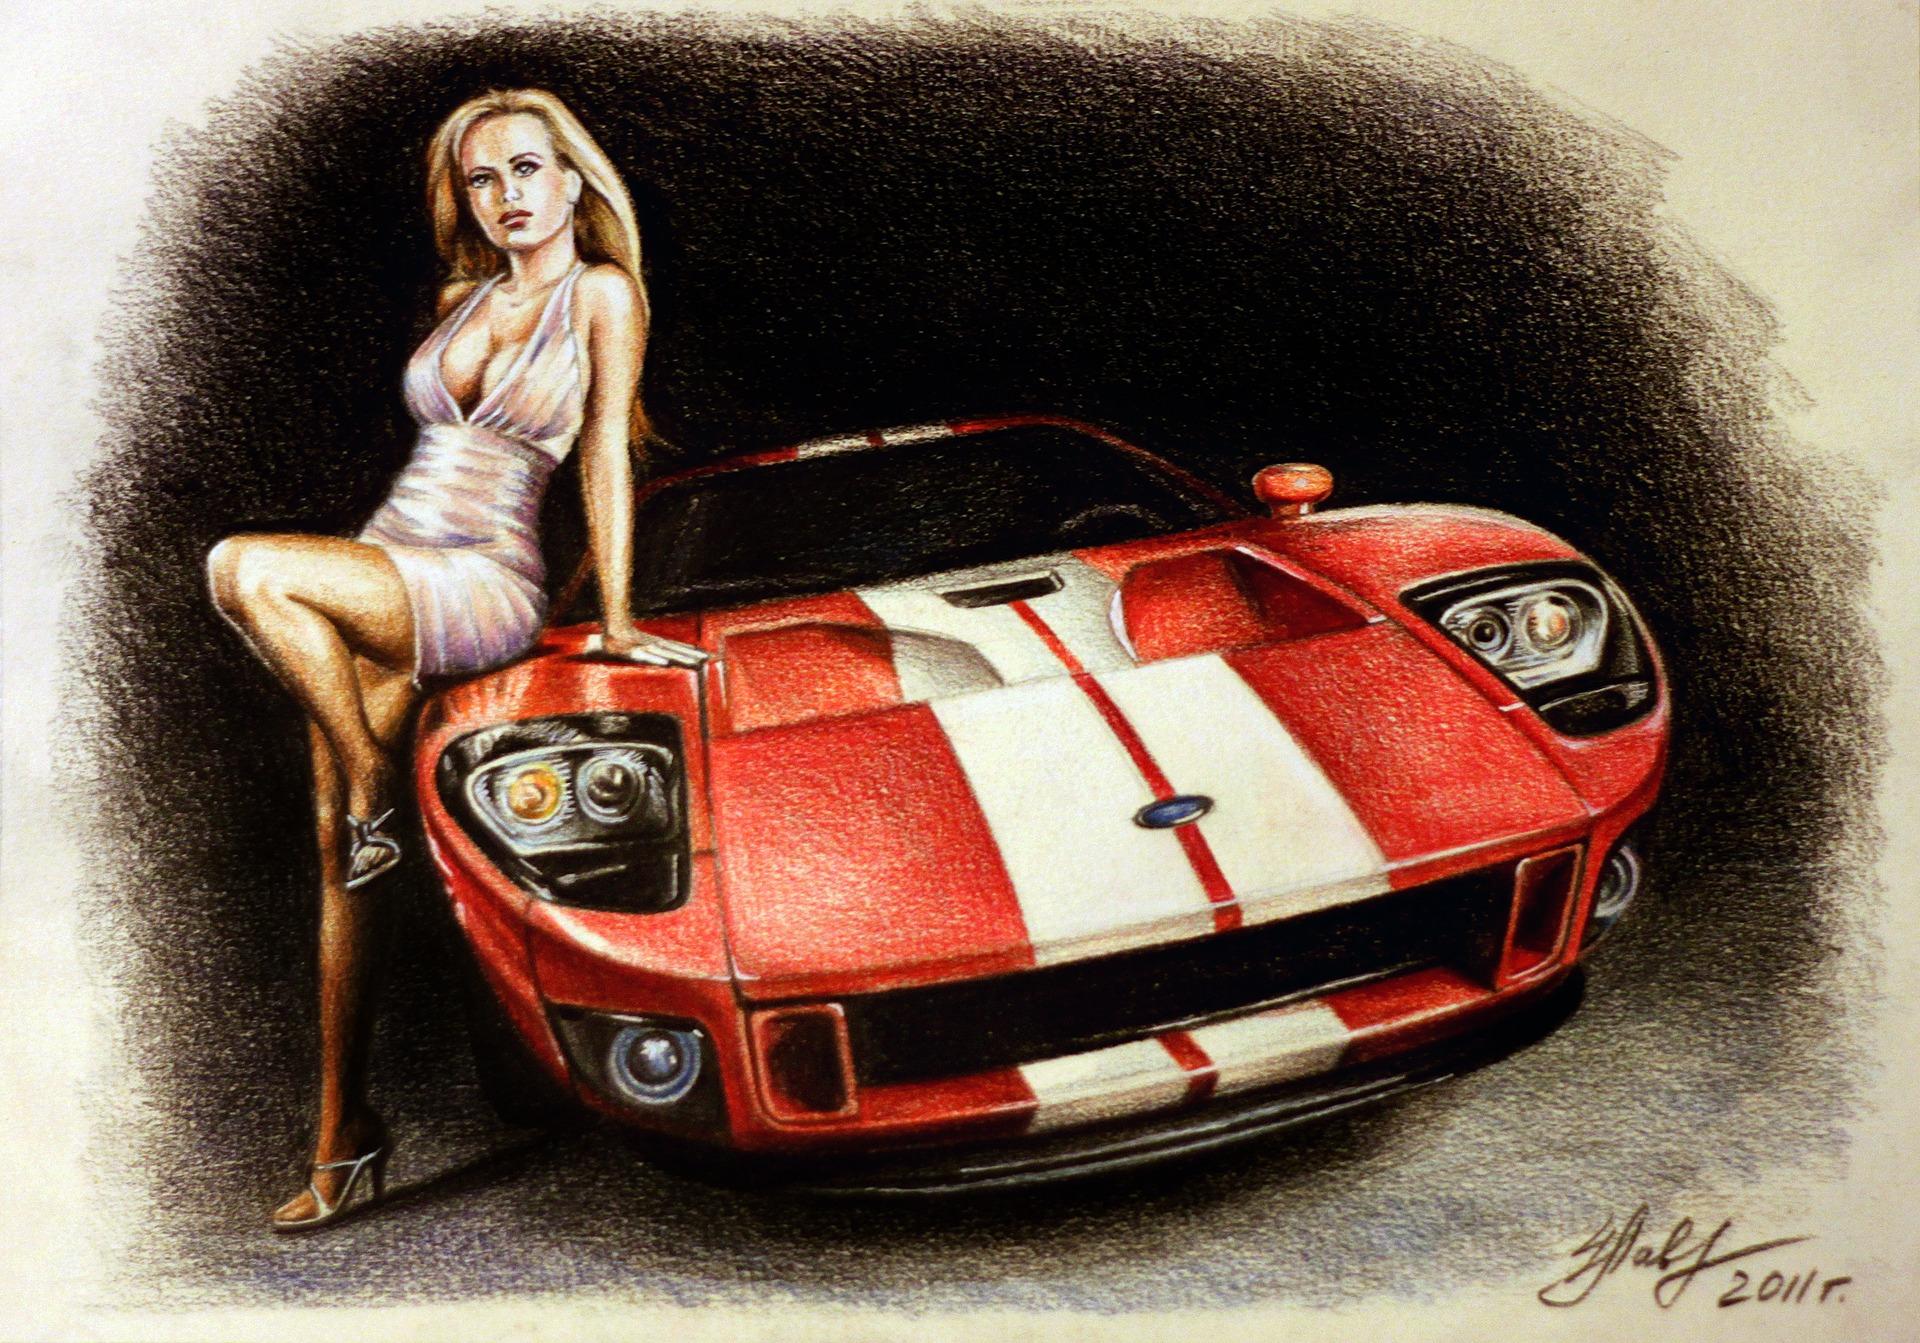 Видео любимому, крутой автоледи открытки